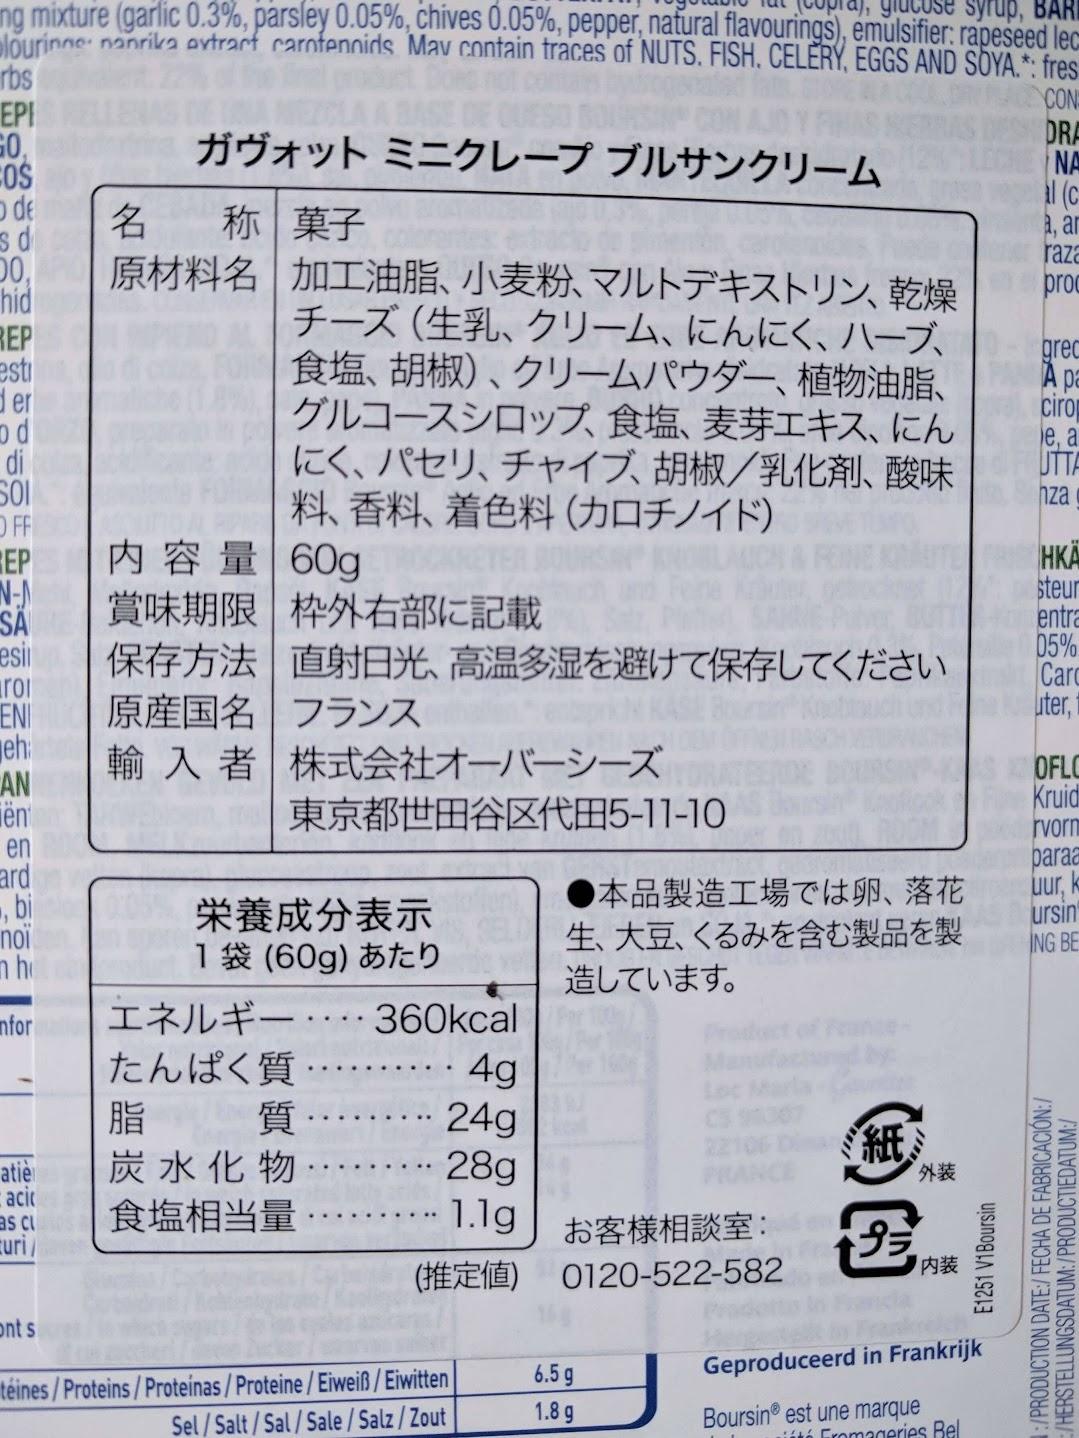 ガヴォット ミニクレープ ブルサンクリーム 栄養成分表示